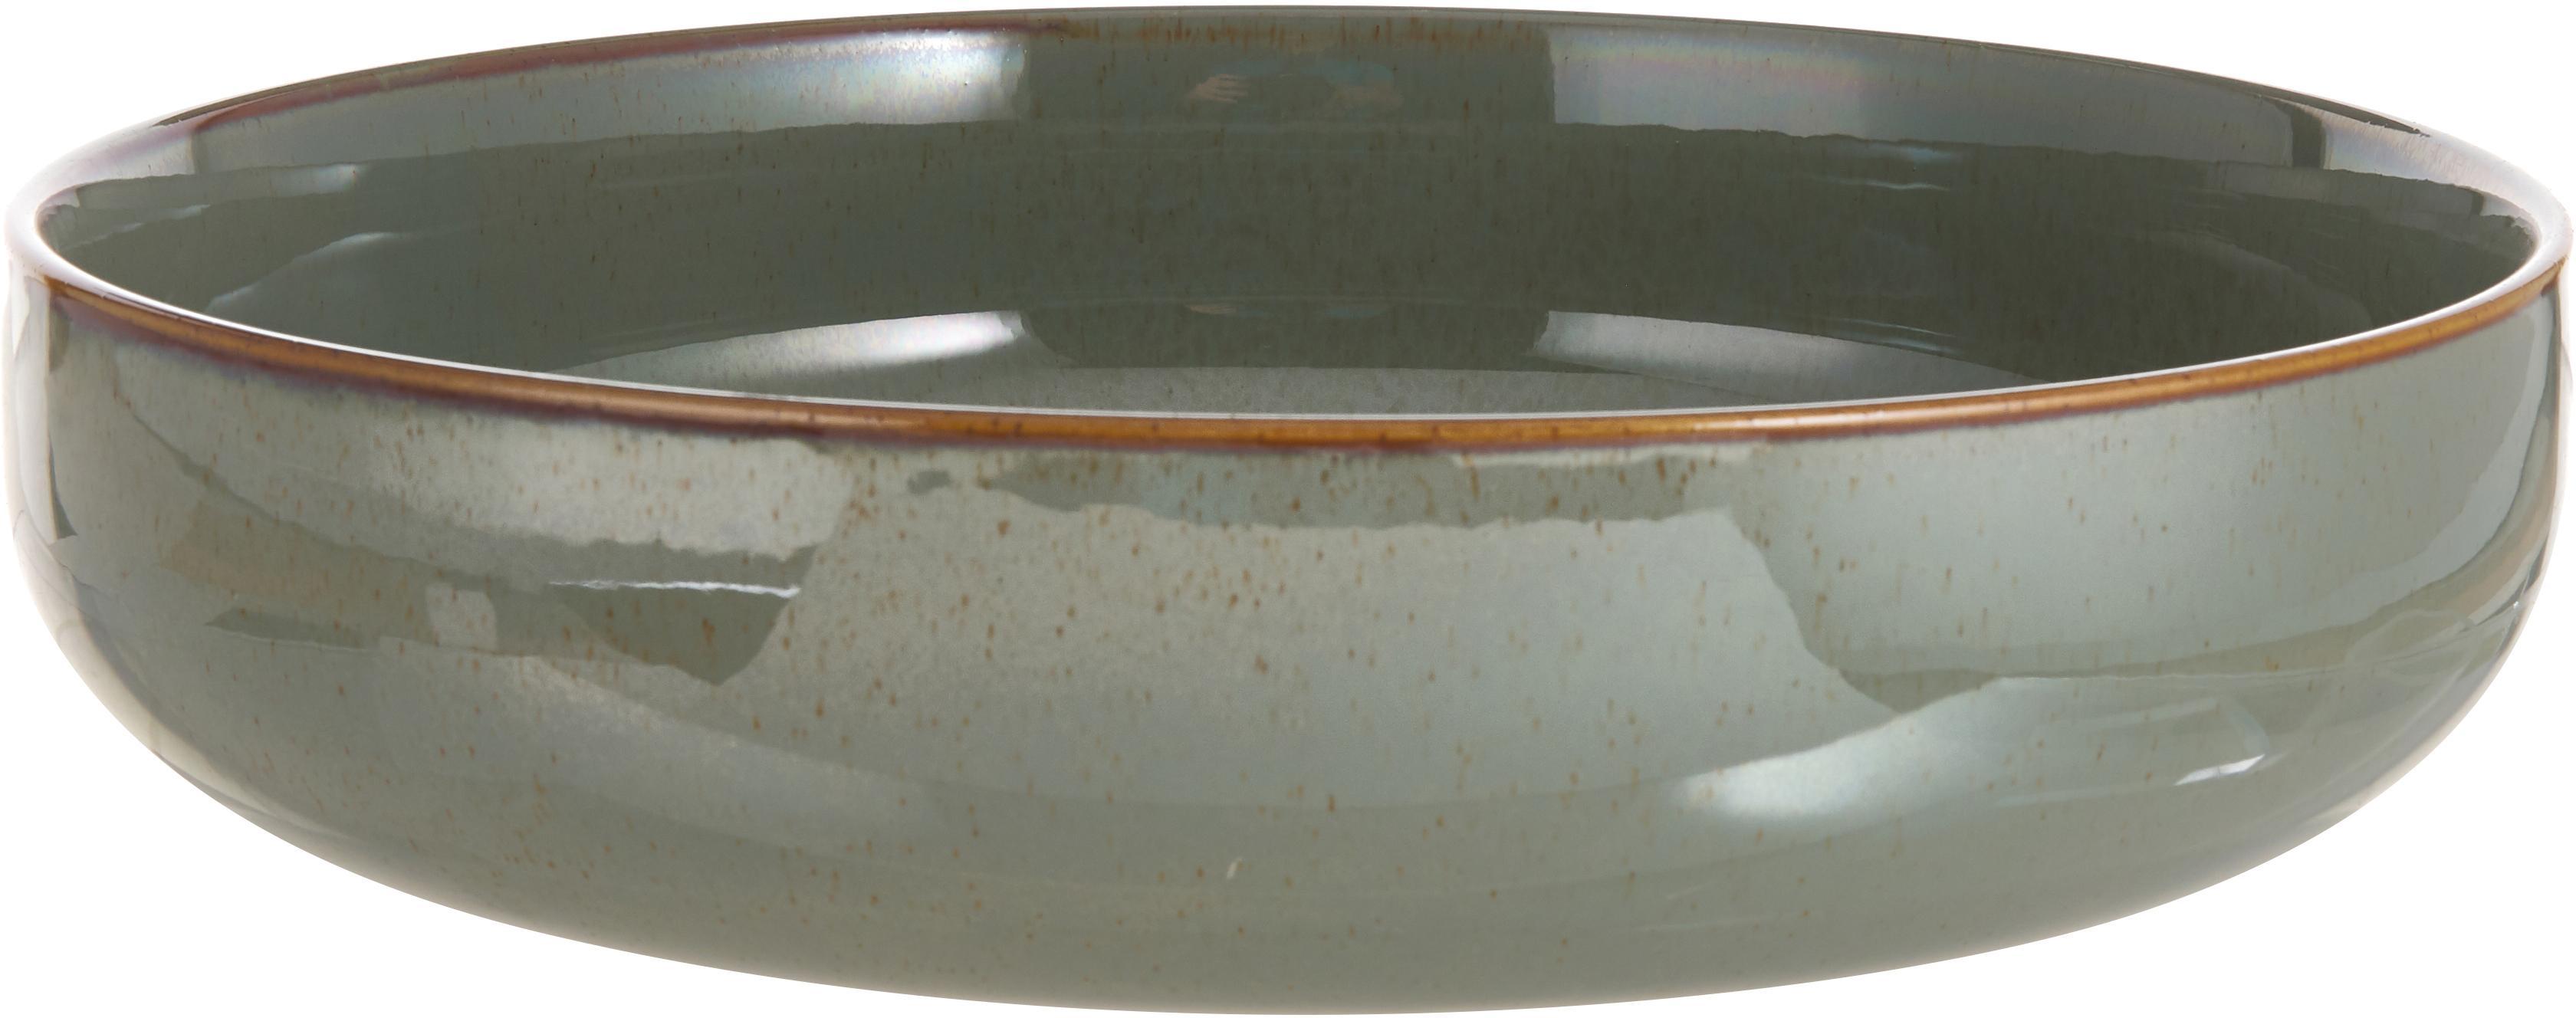 Servierschale Pixie, Steingut, Grüntöne, Ø 28 x H 7 cm